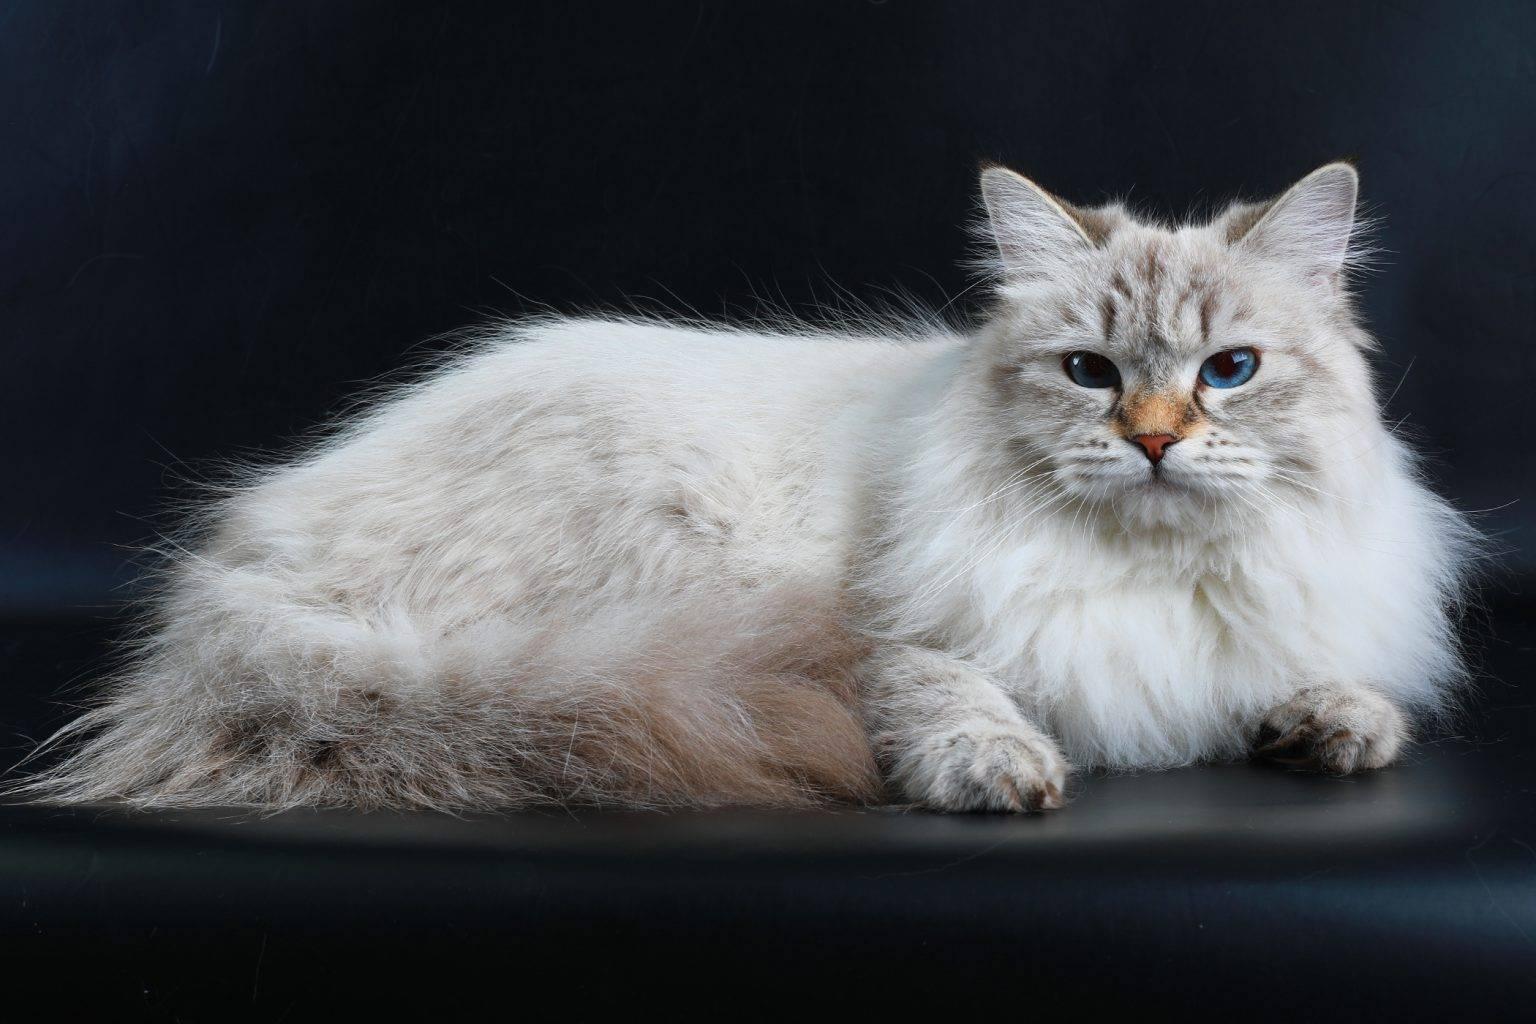 Характер невской маскарадной породы кошек, отзывы владельцев, отношения с детьми и собаками   кошки - кто они?